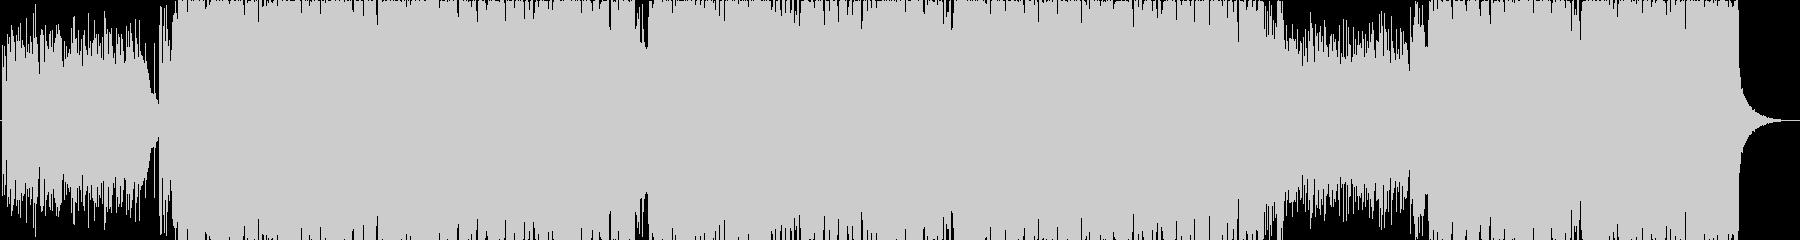 夕焼けをイメージしたピアノメインのBGMの未再生の波形